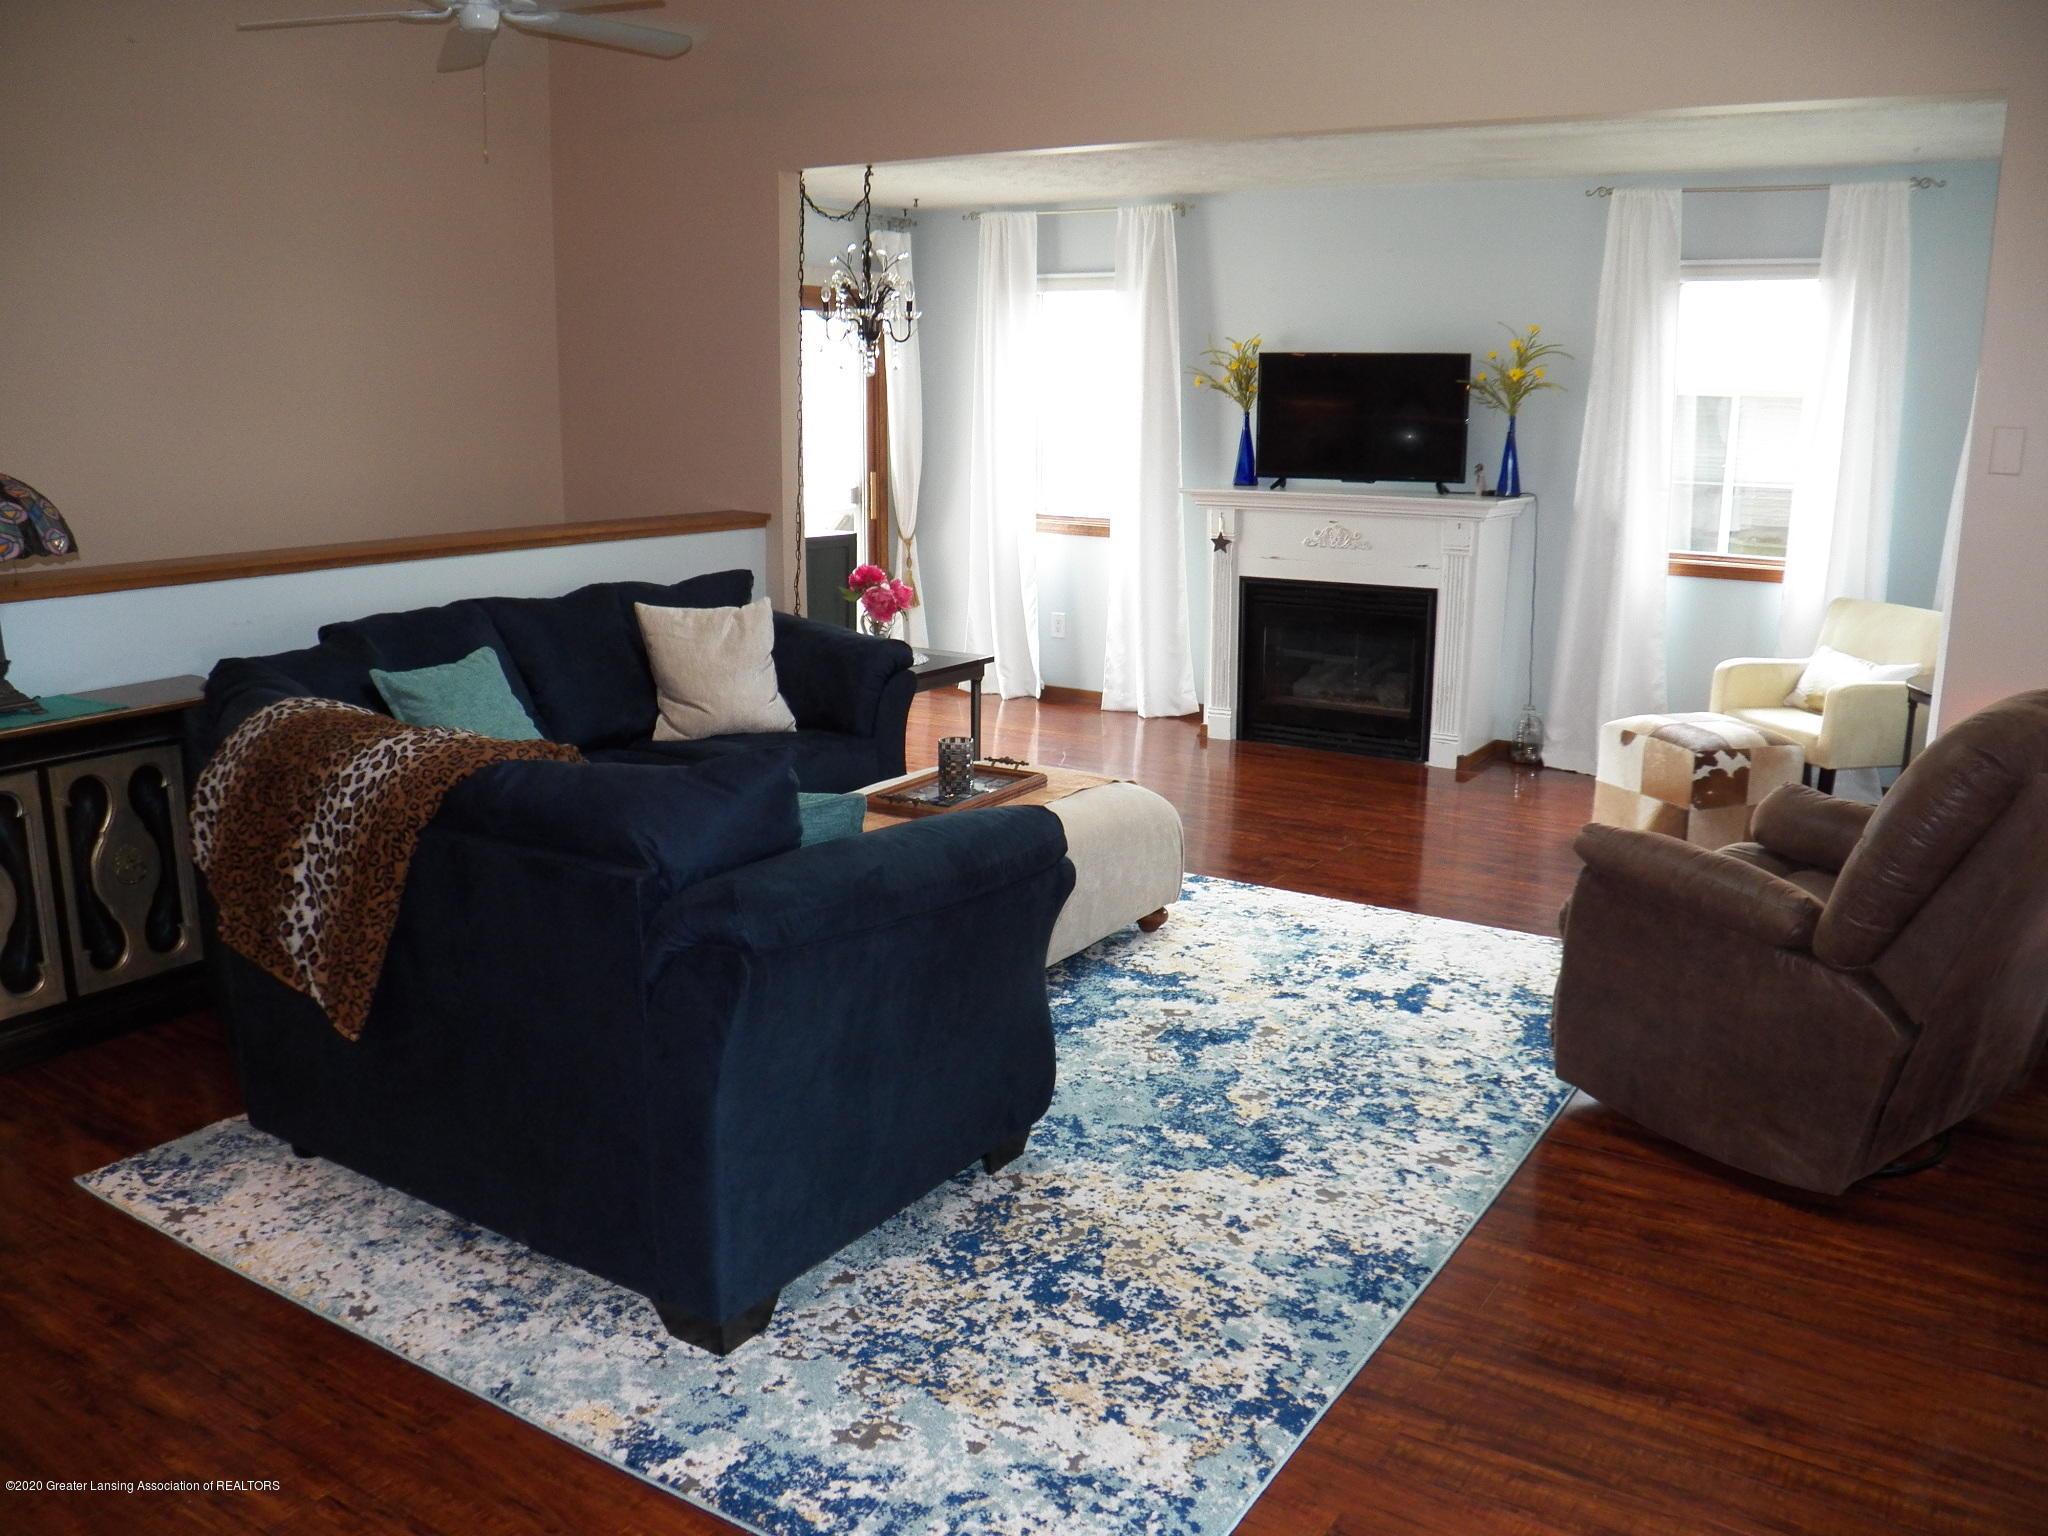 7427 Glen Terra Dr 25 - living room - 4